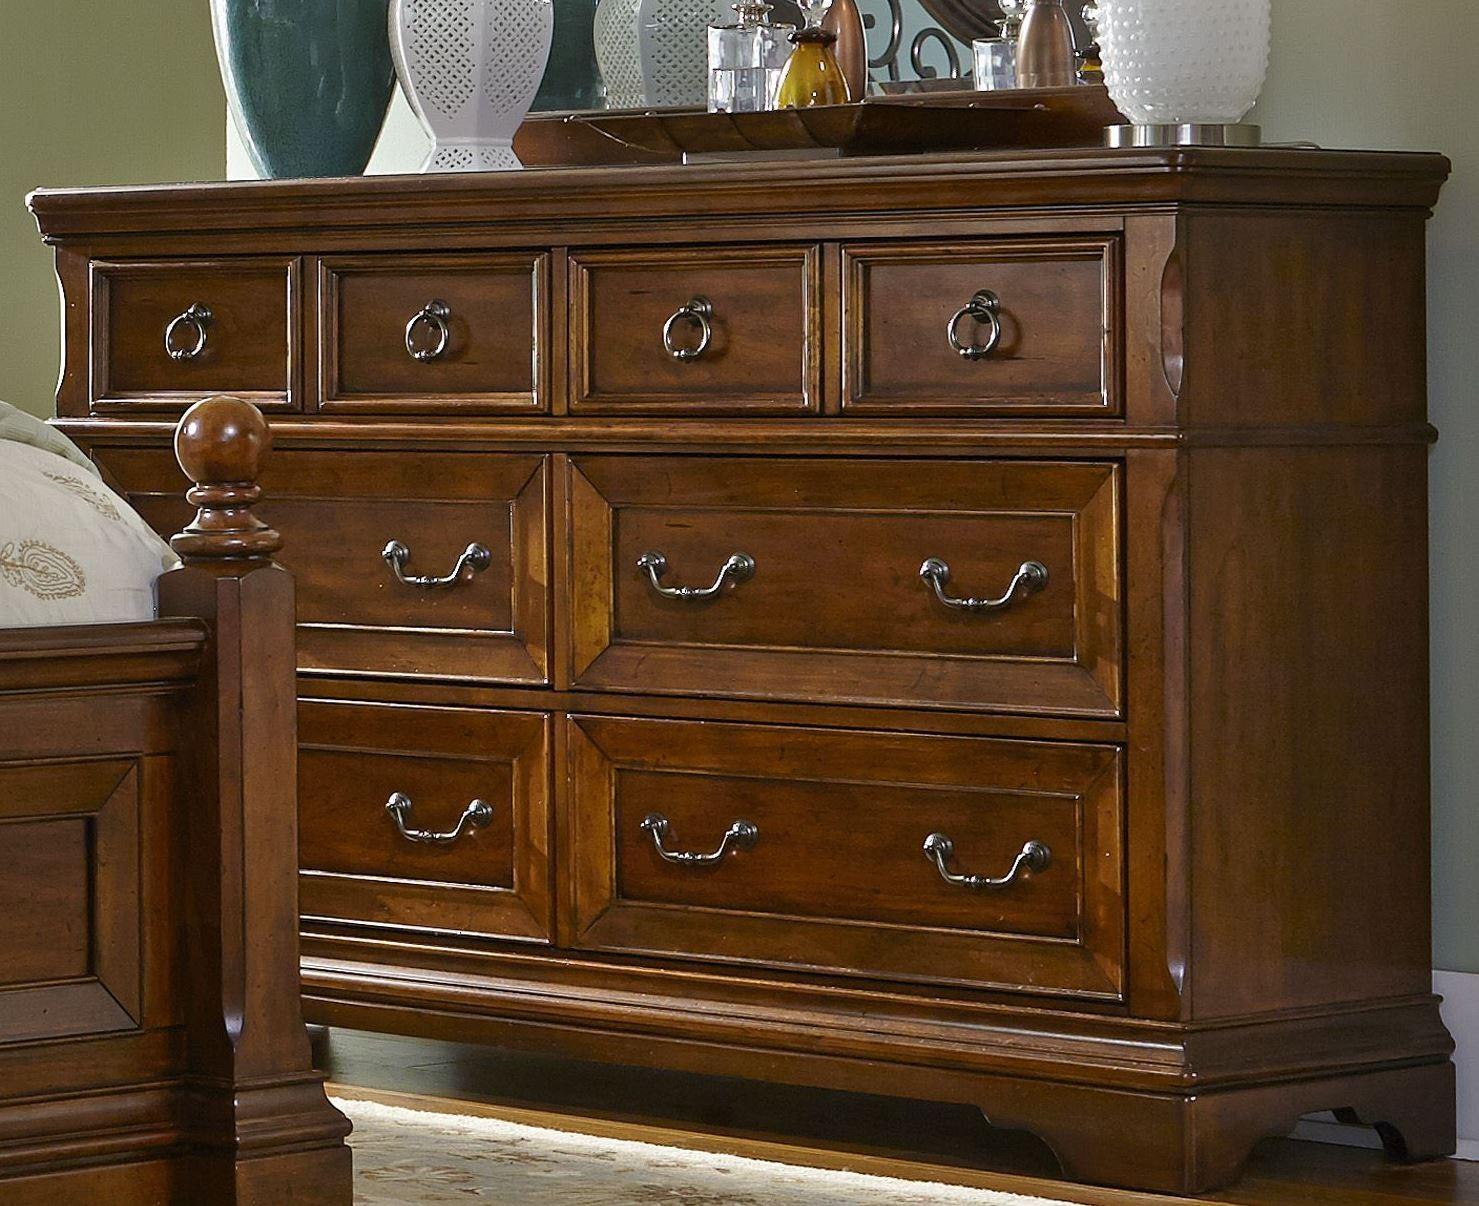 Laurelwood chestnut 6 drawer dresser 547 br31 liberty for Laurel wood